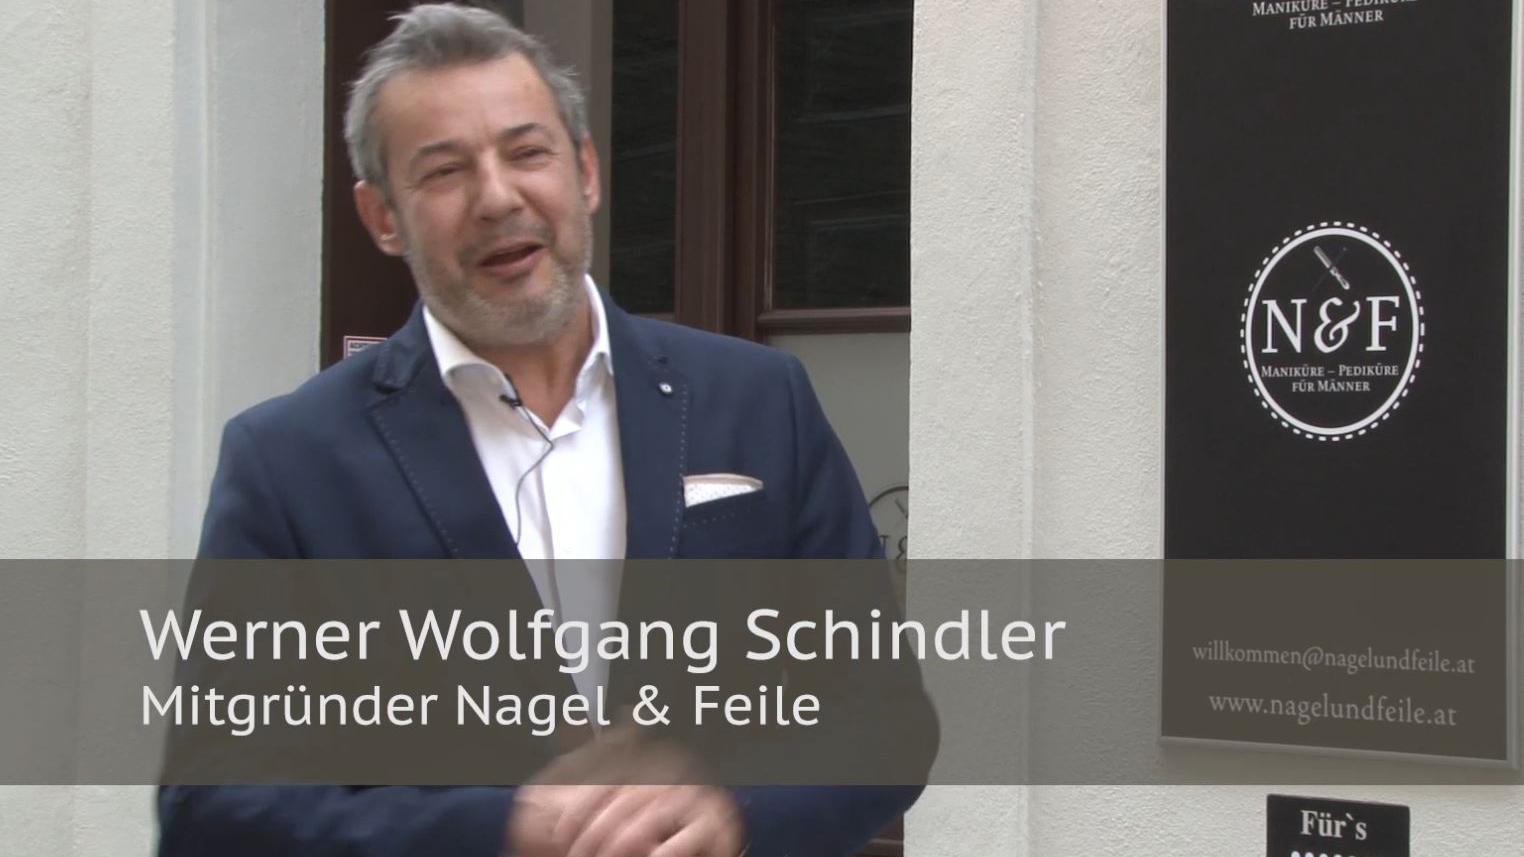 Nagel & Feile: Cooler Ort für gepflegte Männer in Wien. Website, Film und PR von MEDIACLUB